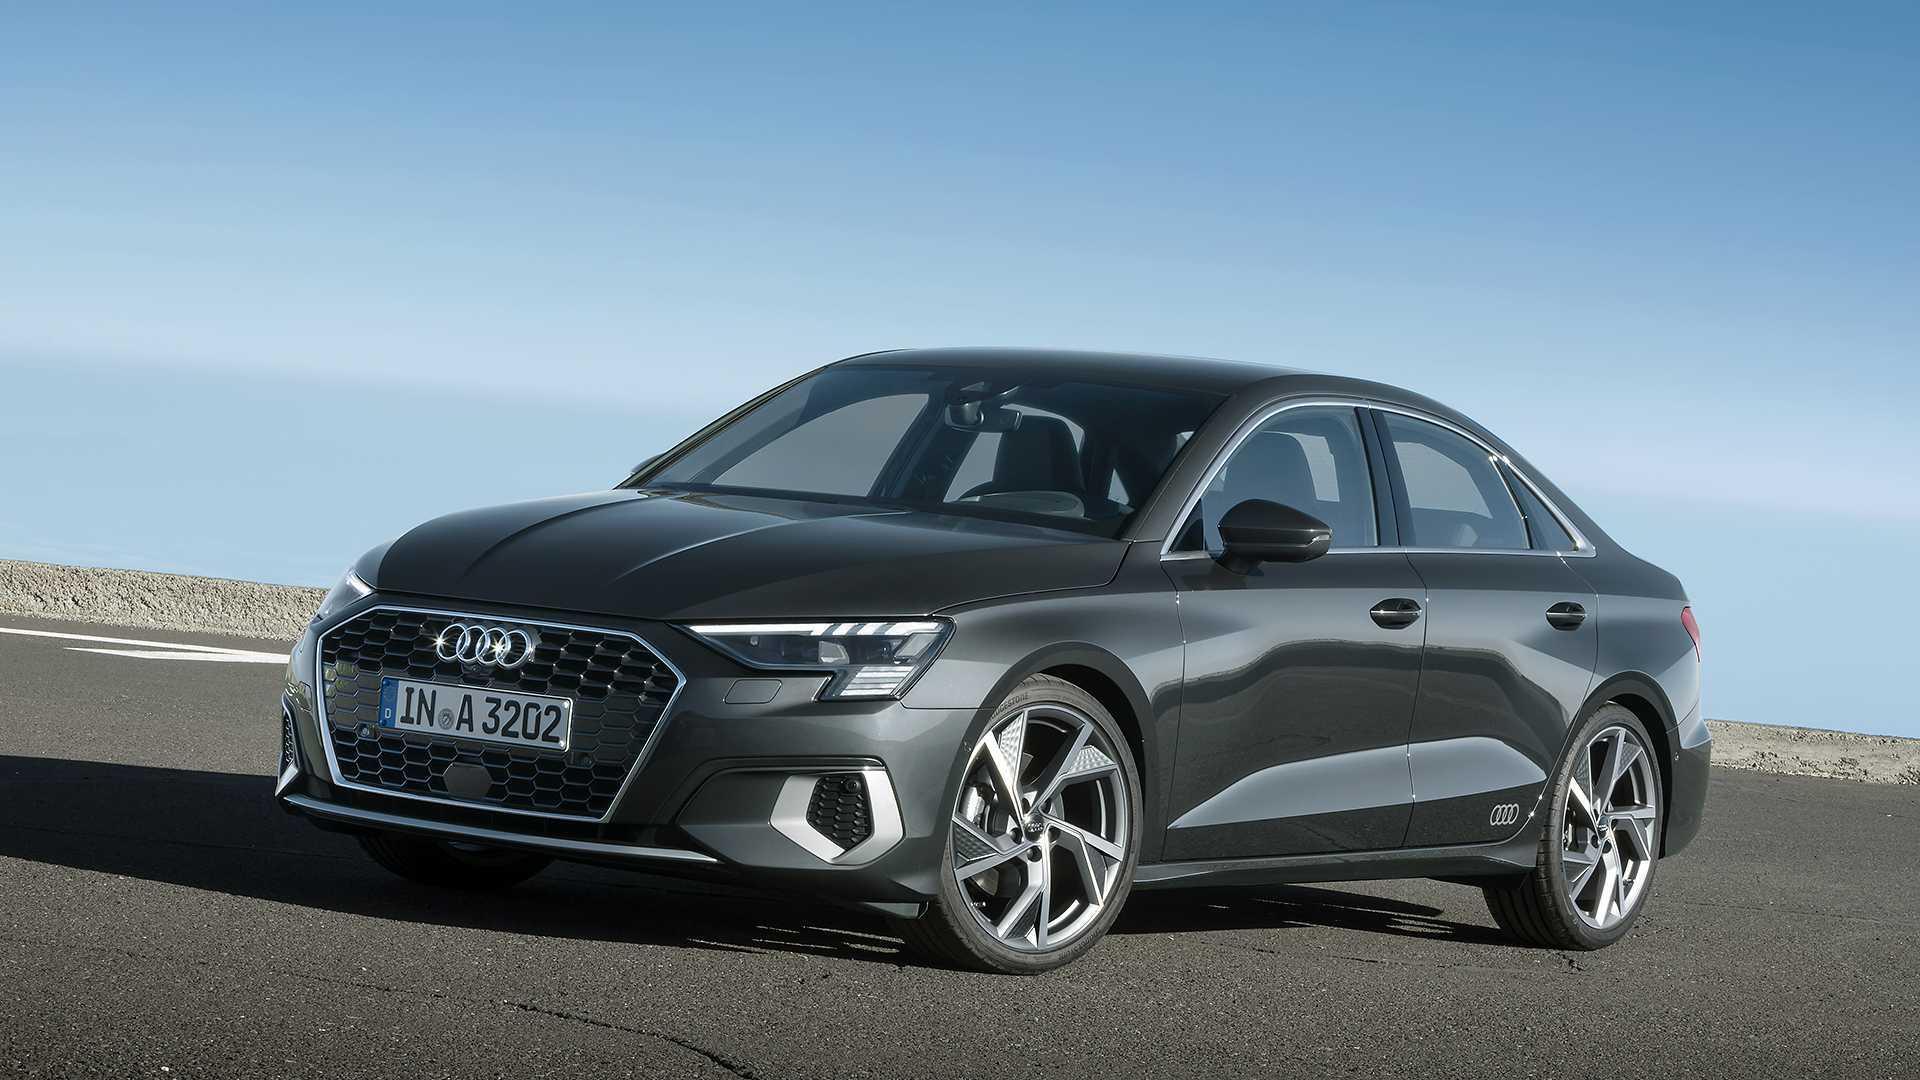 Novo Audi A3 Sedan Chega Em 2021 Ao Brasil Sportback Nao Esta Confirmado